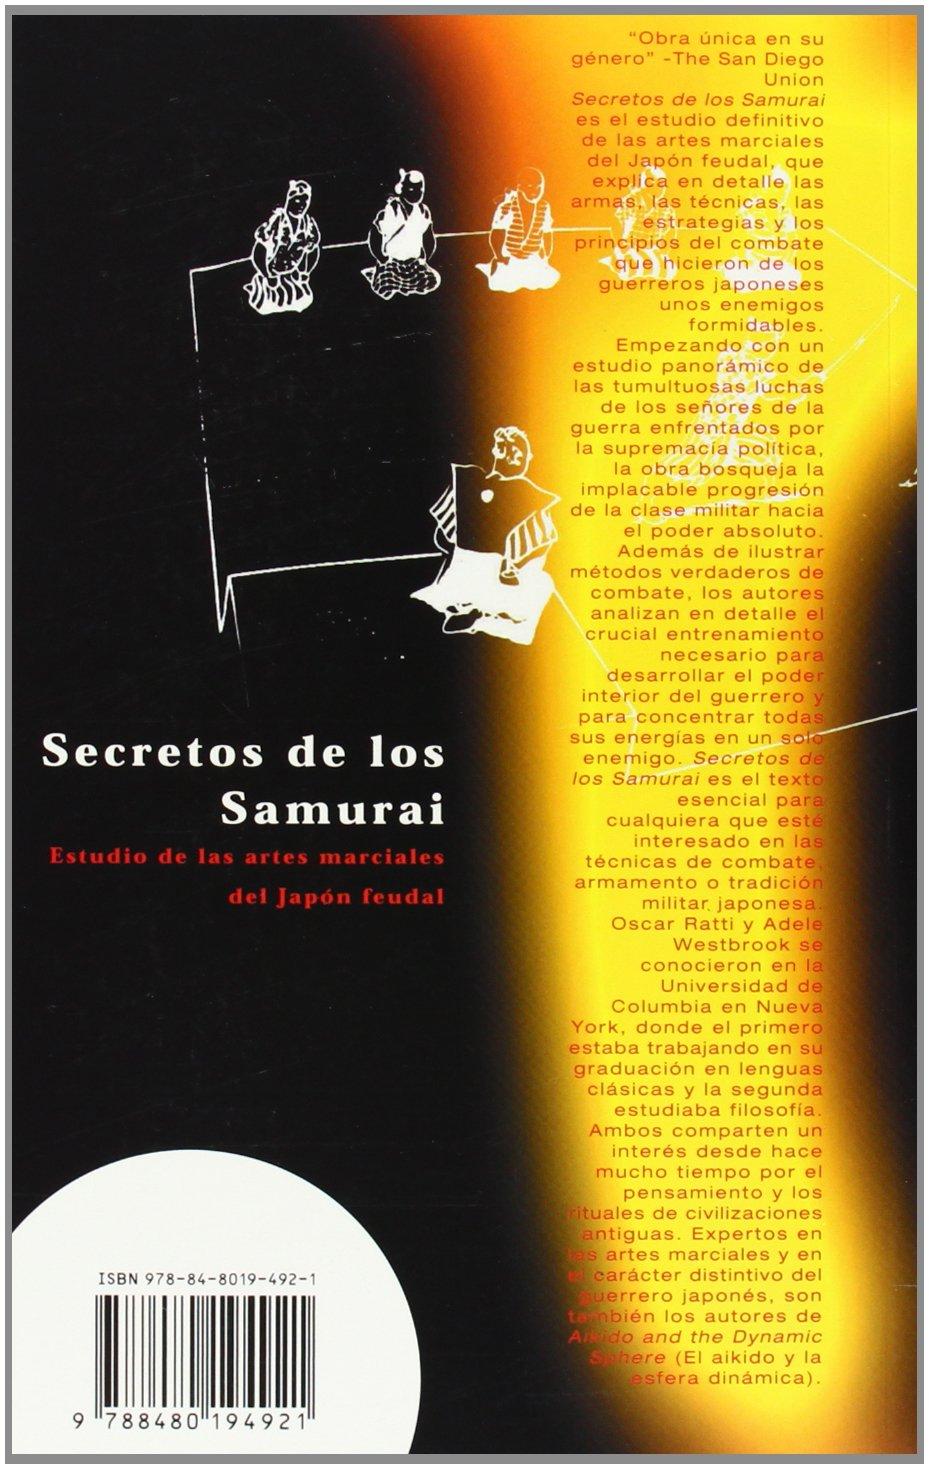 Secretos de Los Samurai: Estudio de las artes marciales del Japon feudal (Spanish Edition): Oscar Ratti, Adele Westbrook: 9788480194921: Amazon.com: Books